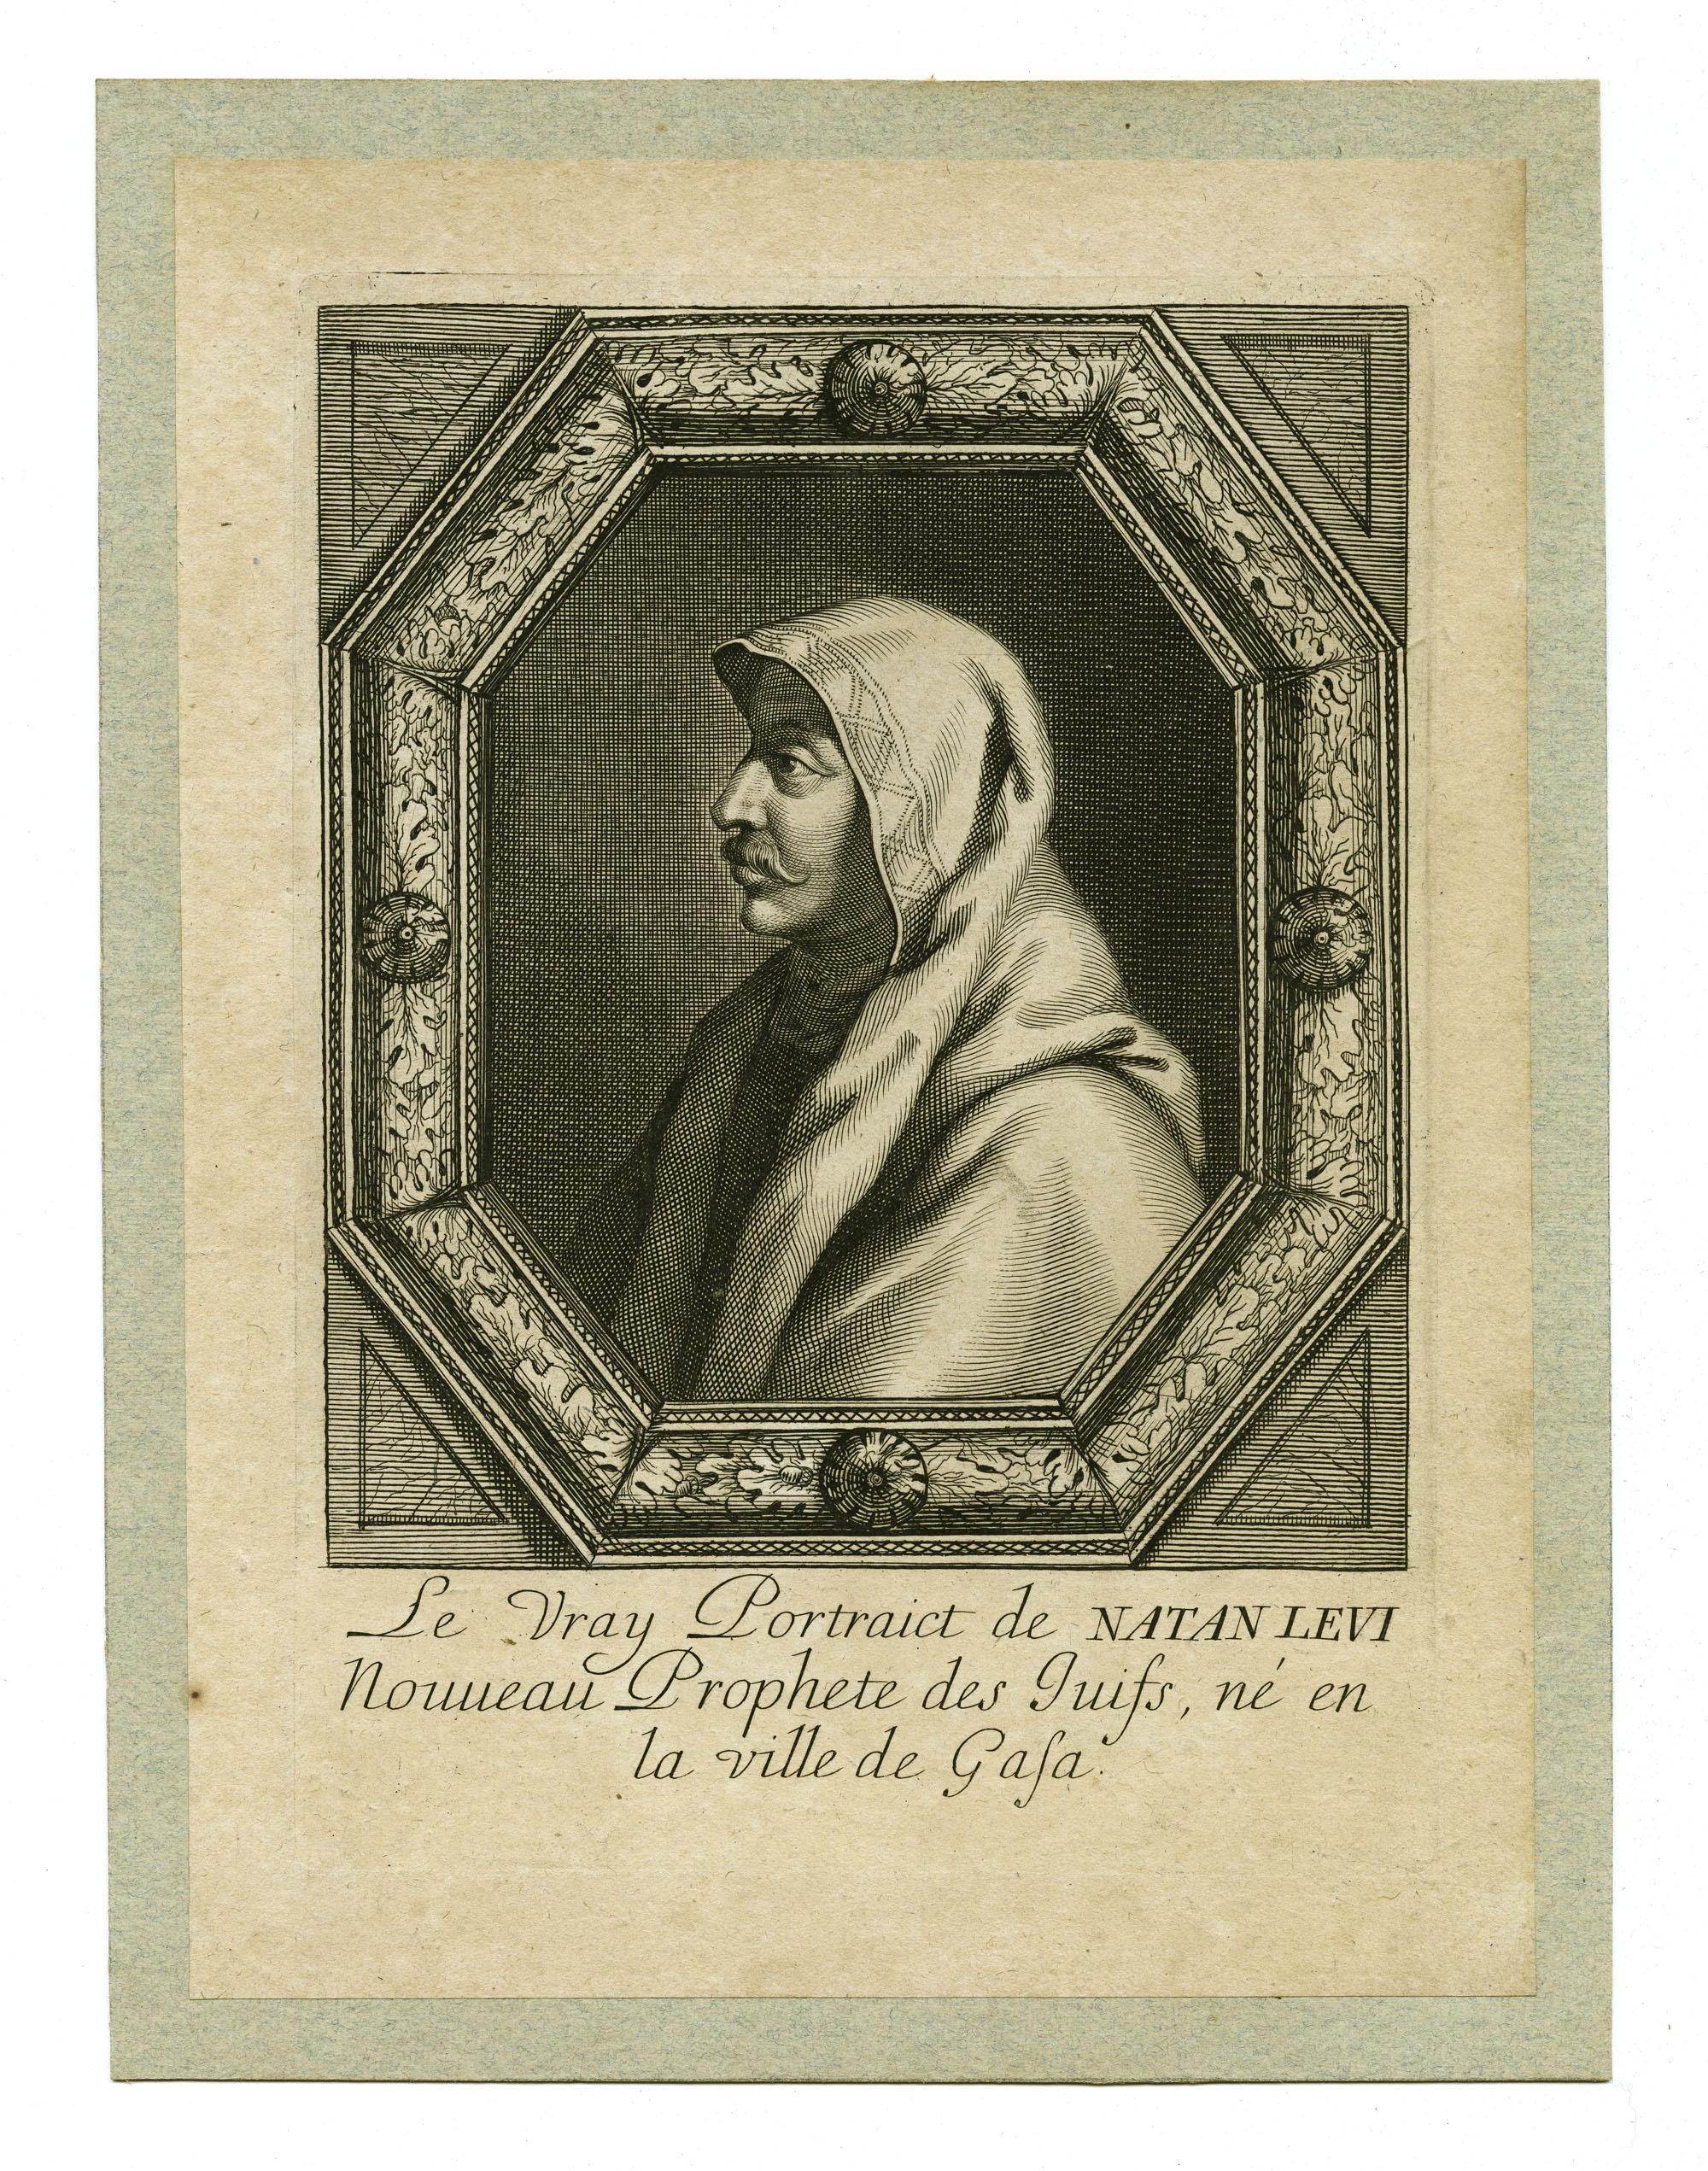 Le Vray Portraiet de Natan Levi, Nouveau Prophete des Juifs, né en la ville de Gasa